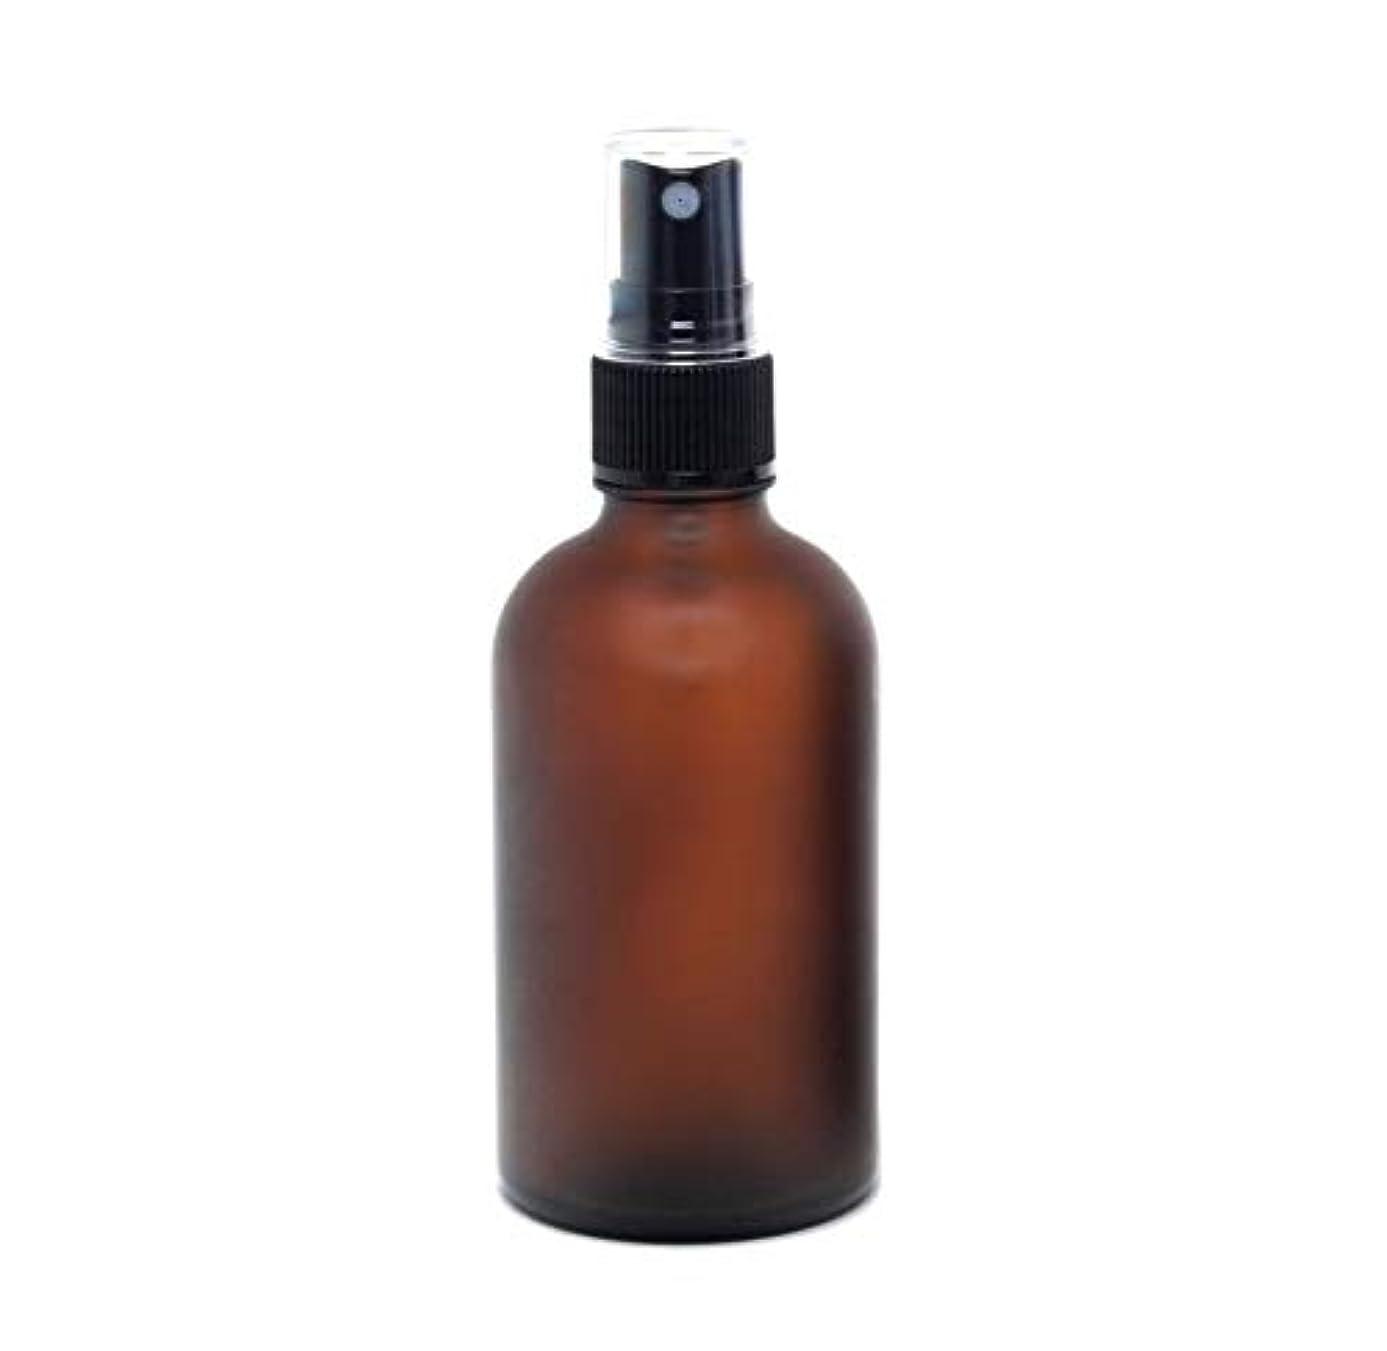 誓う我慢する一貫した遮光瓶 蓄圧式ミストのスプレーボトル 100ml / アンバー・フロスト(つや消し)(硝子/アトマイザー)ブラックヘッド 1本